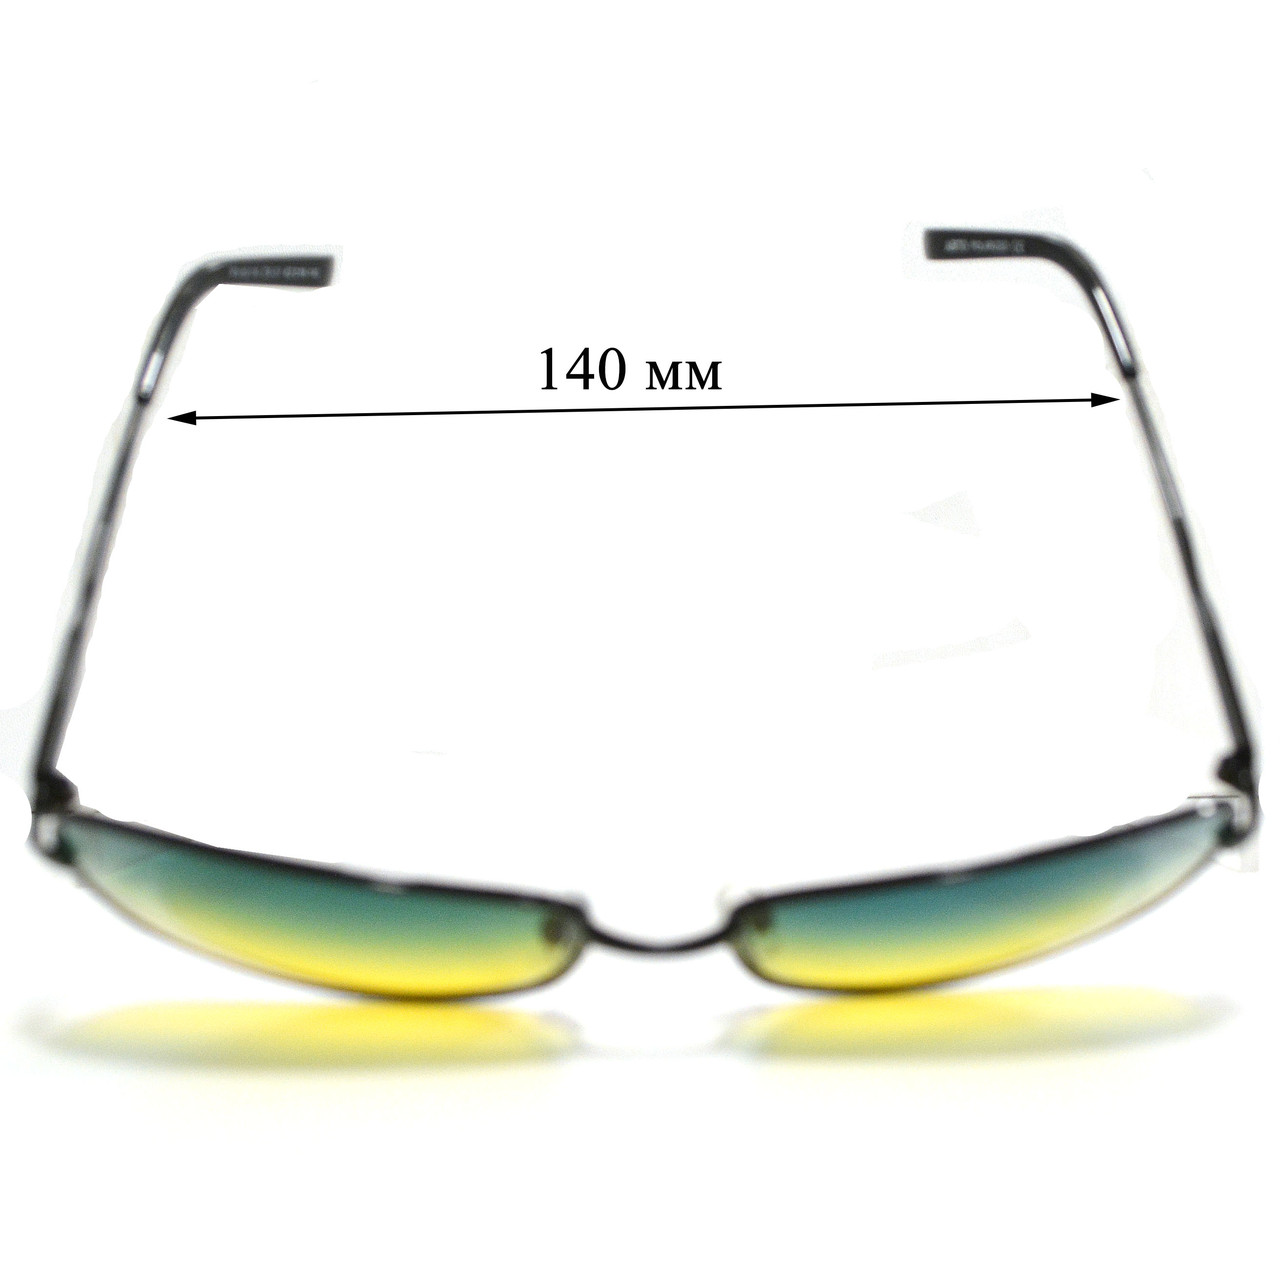 Солнцезащитные поляризационные очки ПОЛАРОИД UV400 тонкая оправа желто зеленые стекла АВТО PX16116 - фото 3